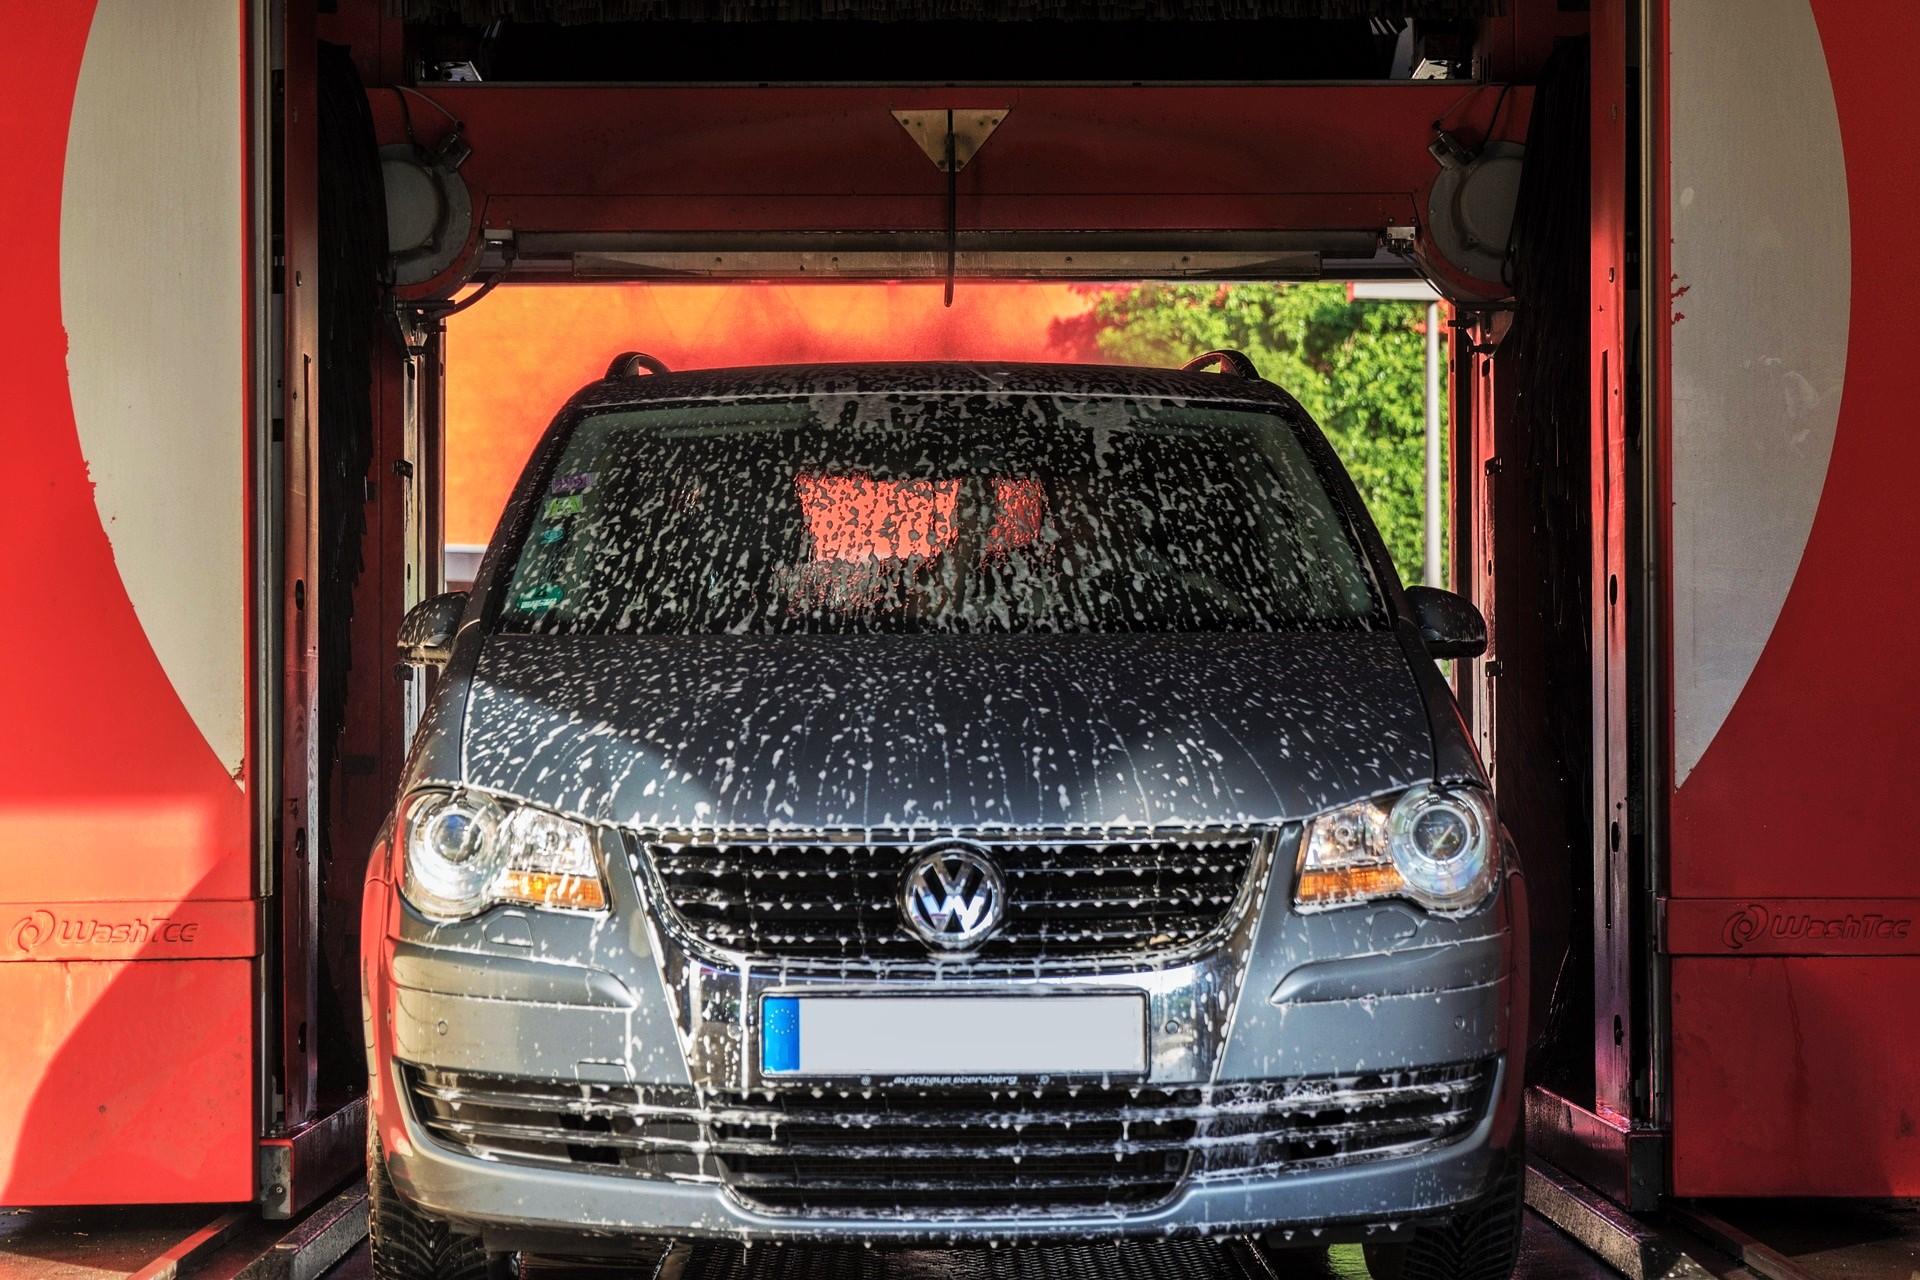 Reinigingsproducten voor carwash, wasstraten, wasinstallatie en wasbox